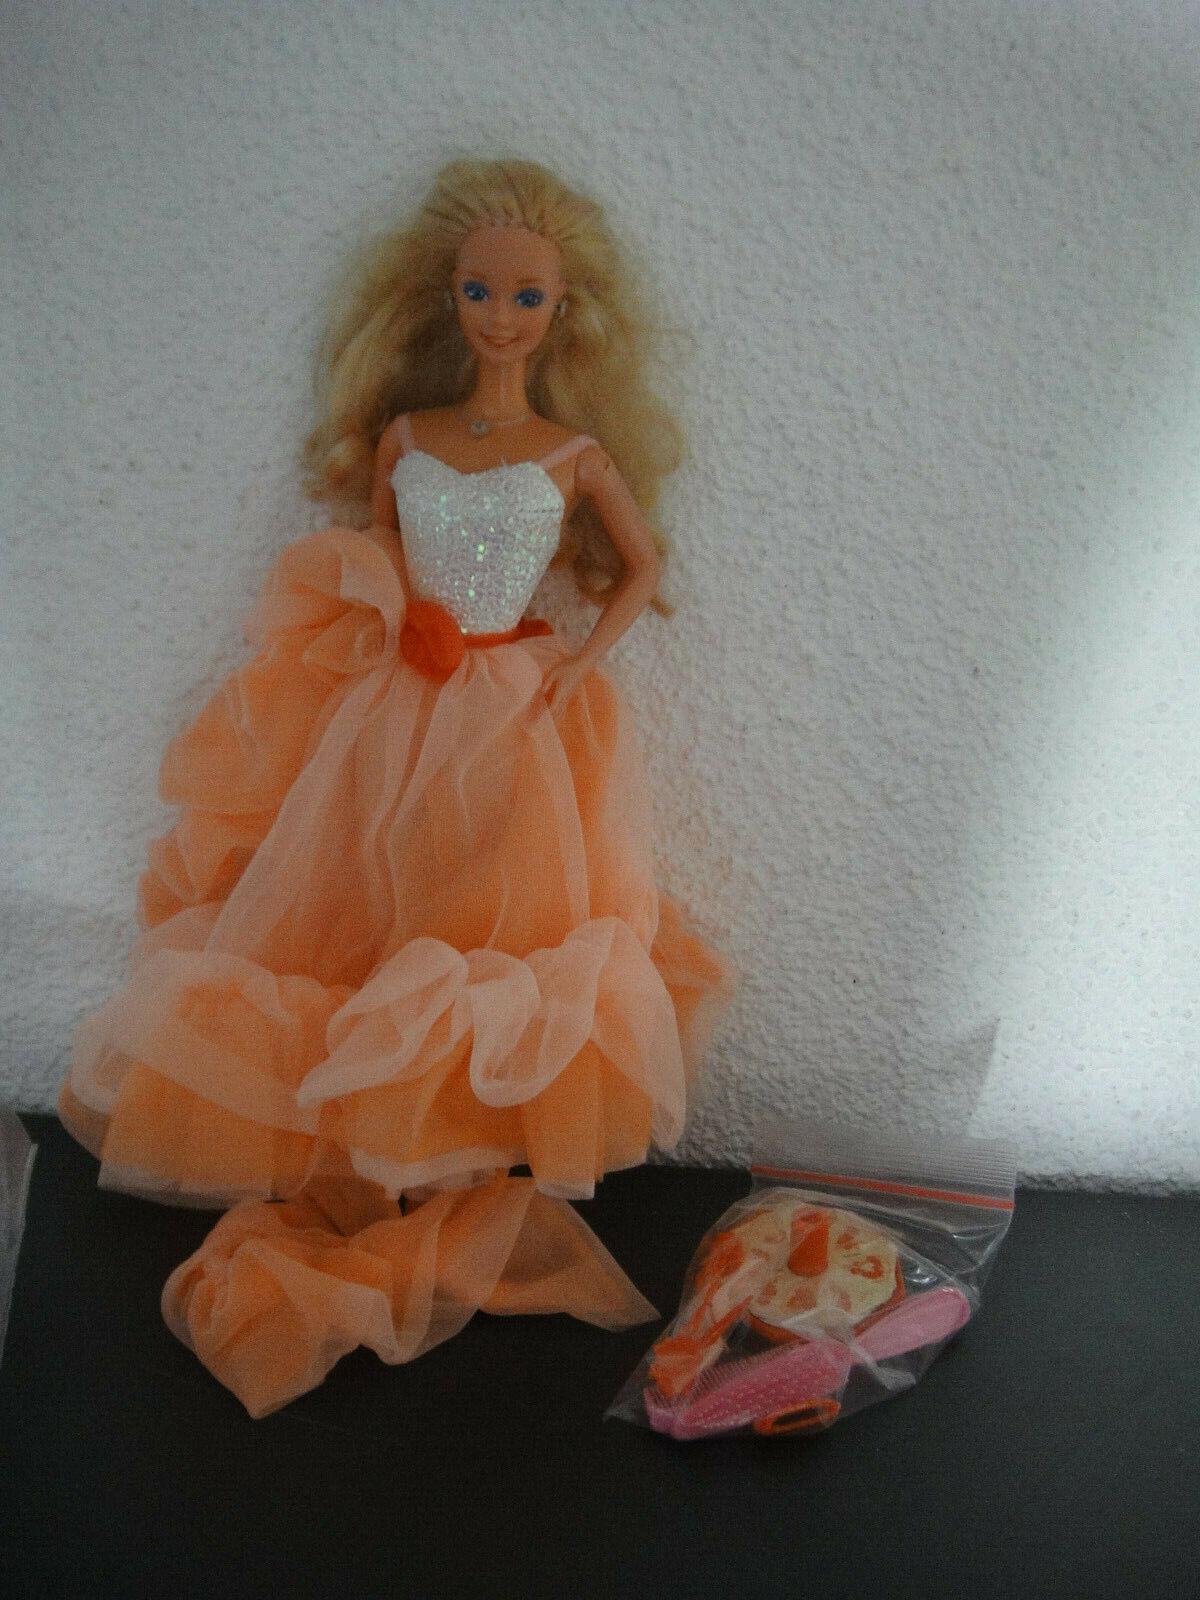 Barbie   Peach´n Cream   SuperStern Ära Era   Super Stern   mit Schmuck Schuhe No2